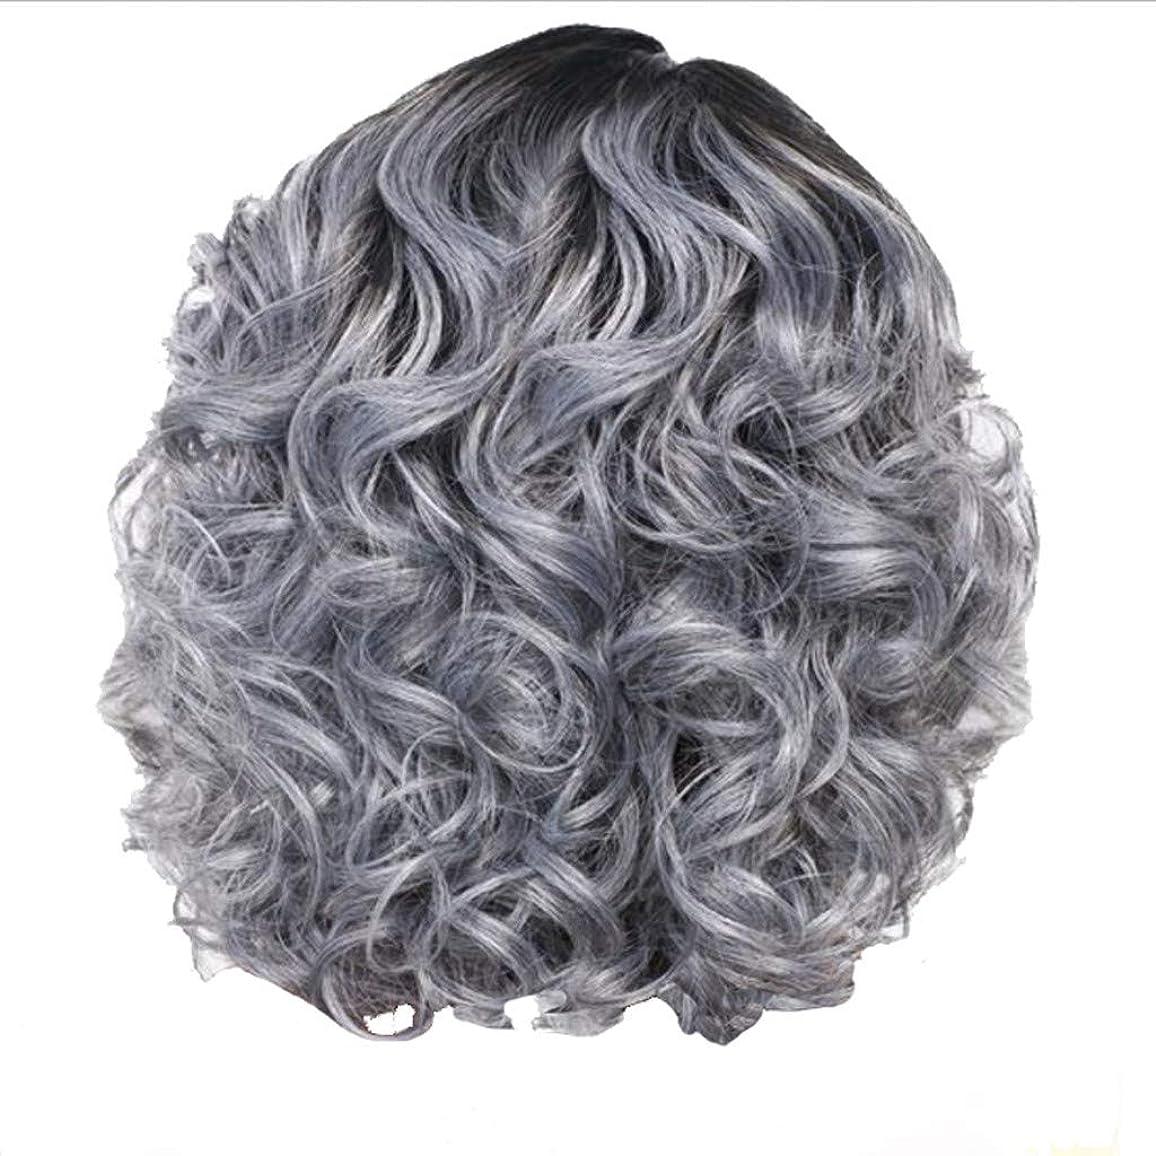 裏切り者細部体系的にかつら女性の短い巻き毛シルバーグレーレトロ巻き毛ネット30 cm